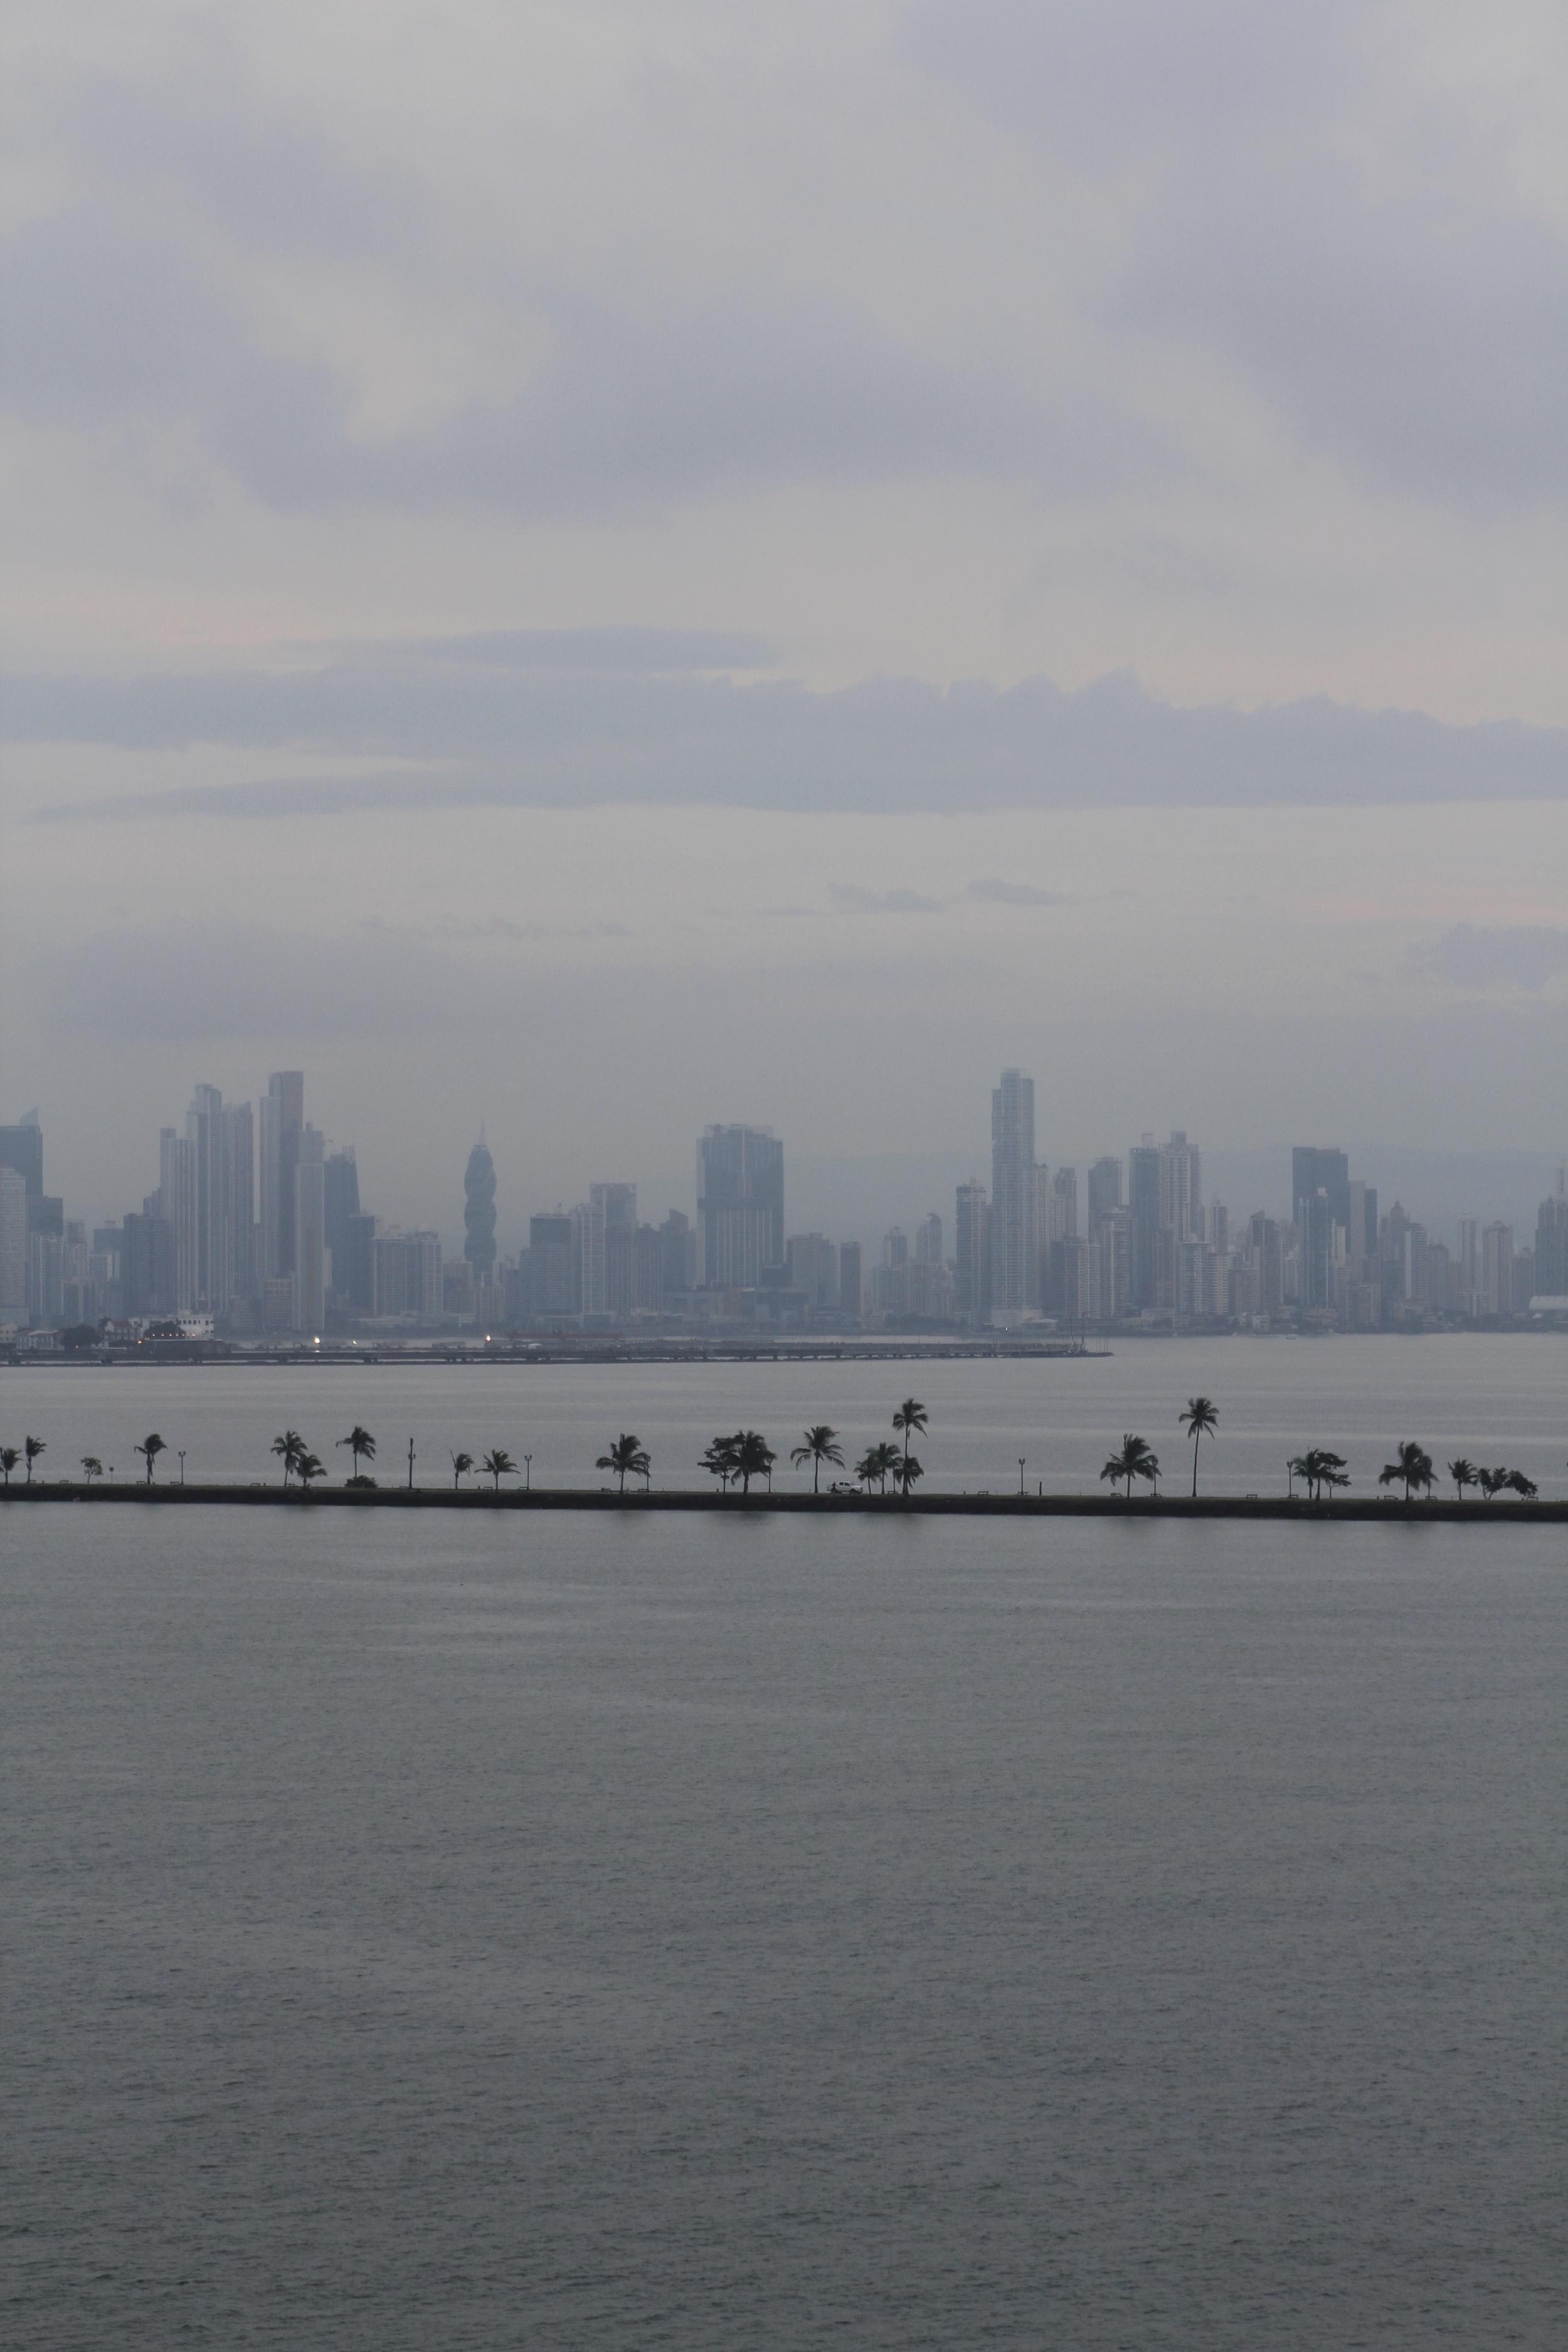 Panama City past the causeway.